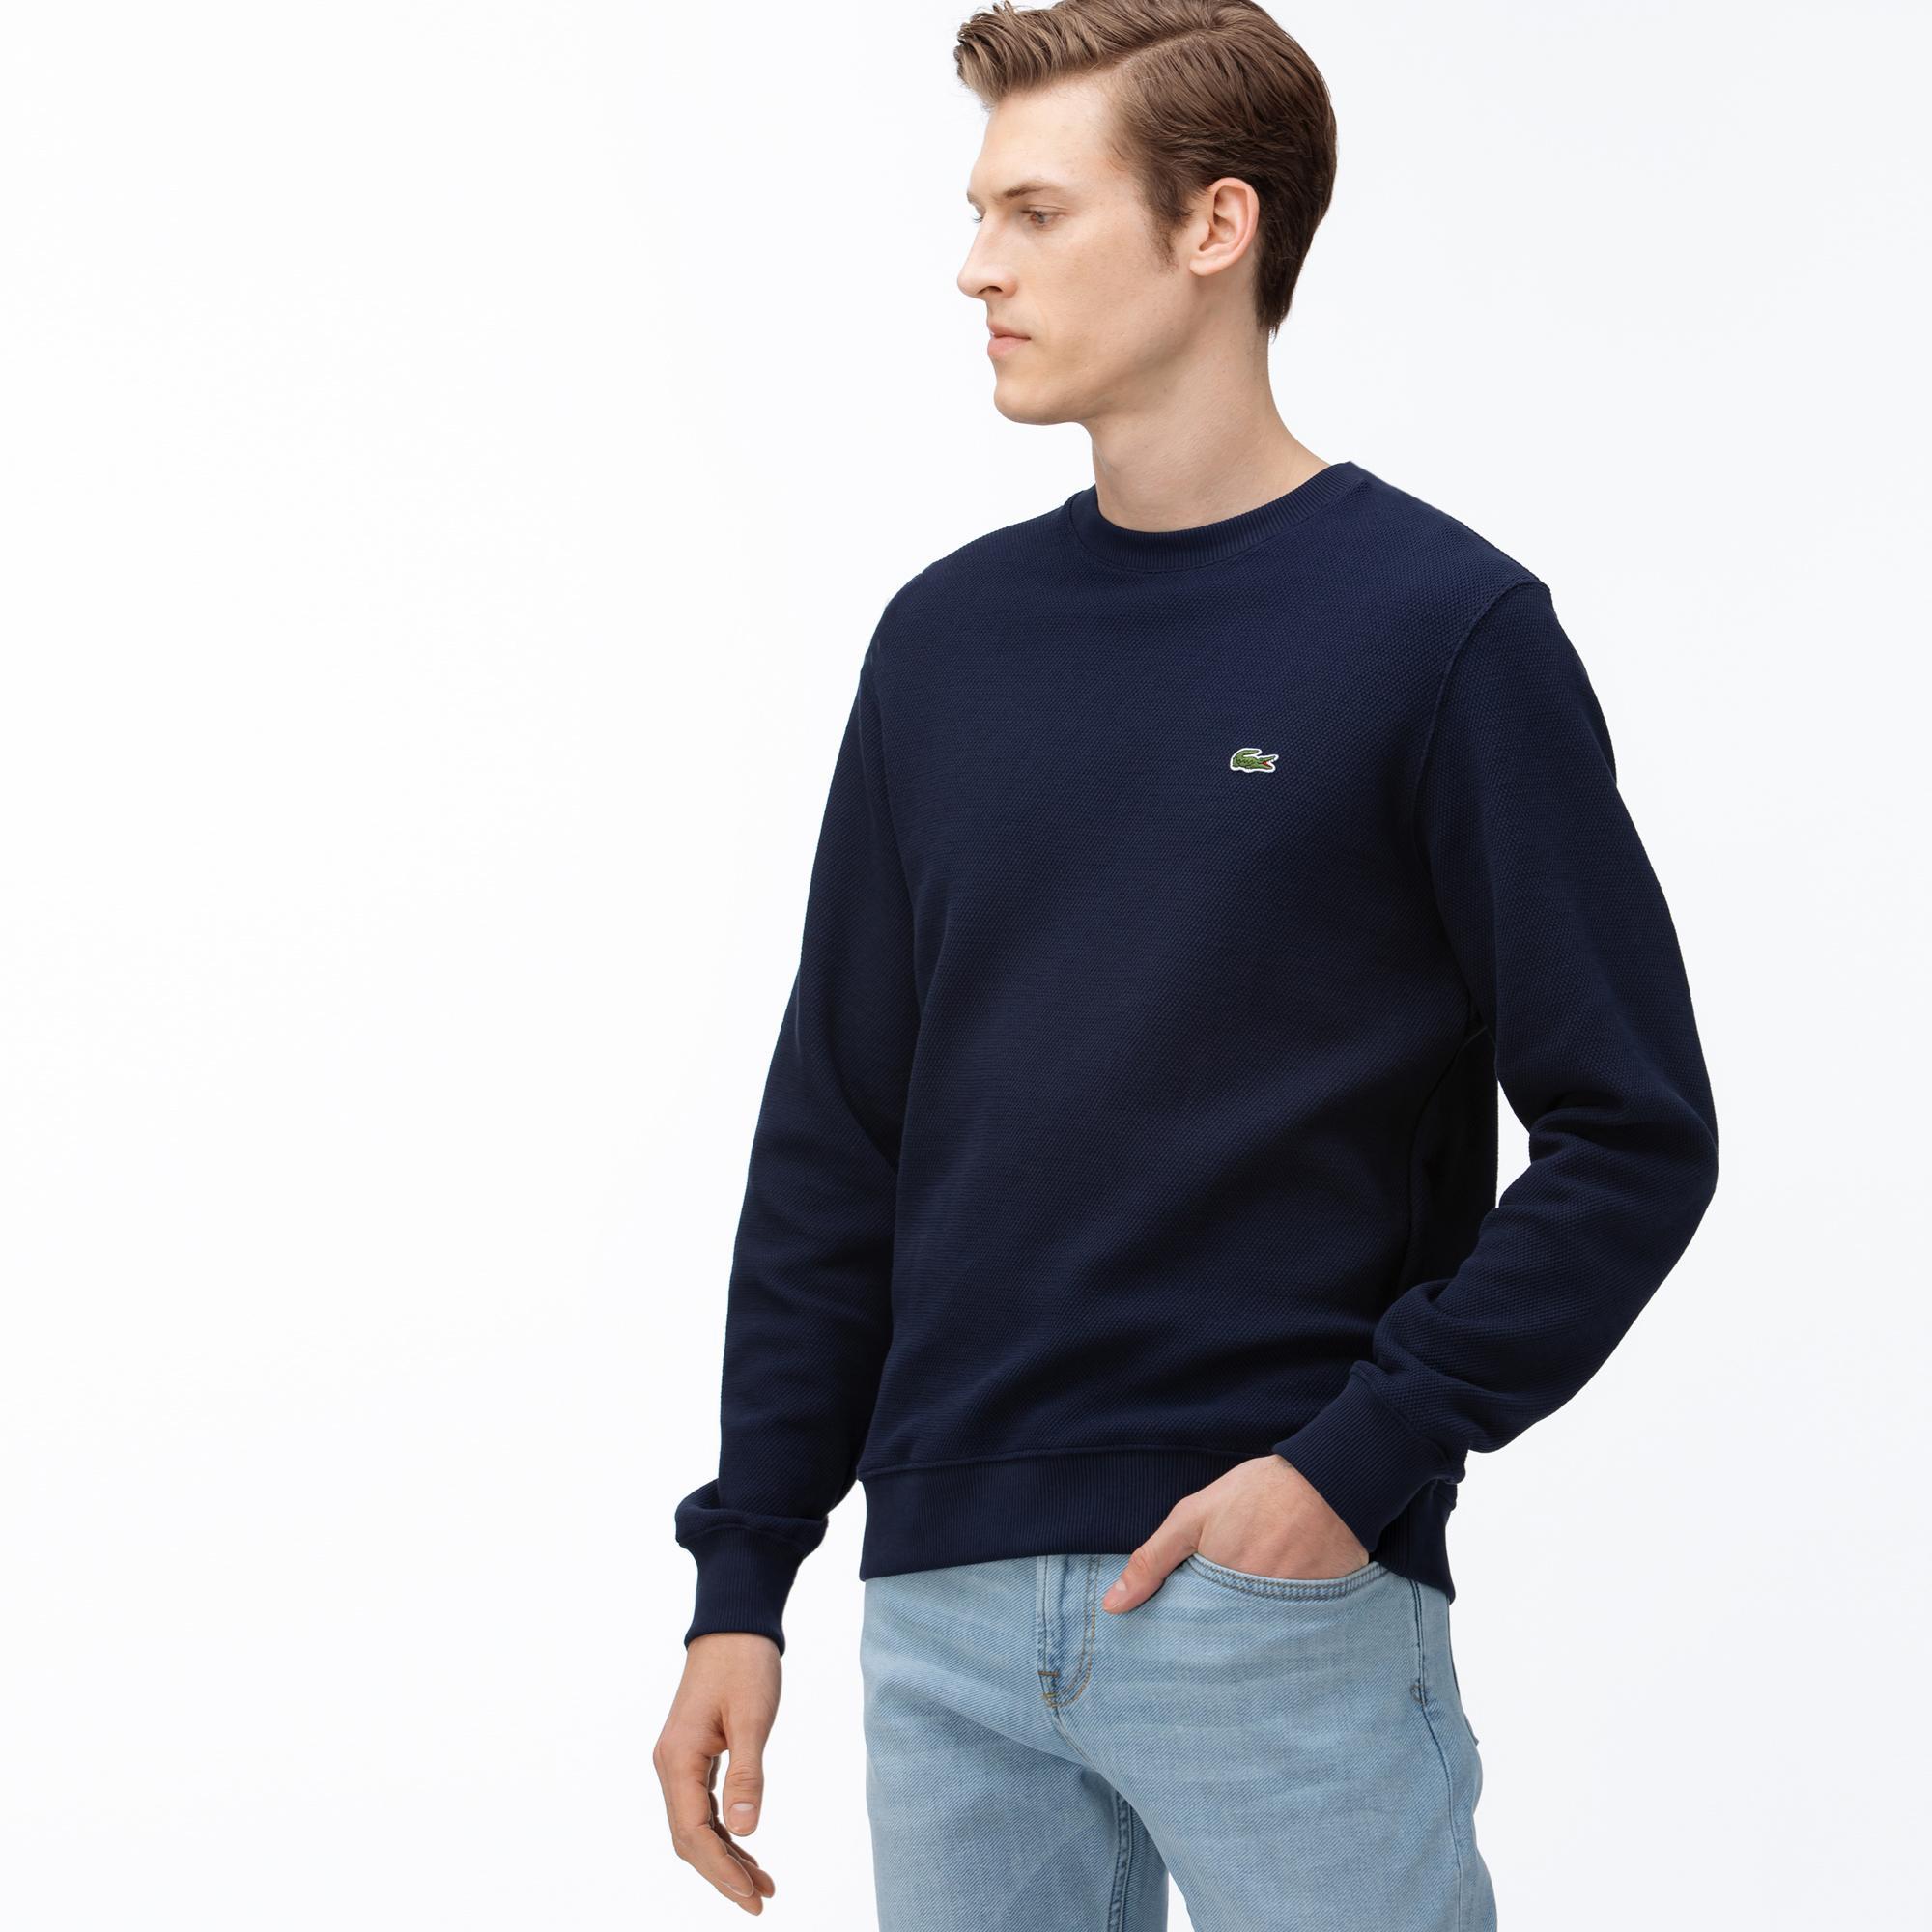 Lacoste Men's Cotton Piqué Fleece Crew Neck Sweatshirt